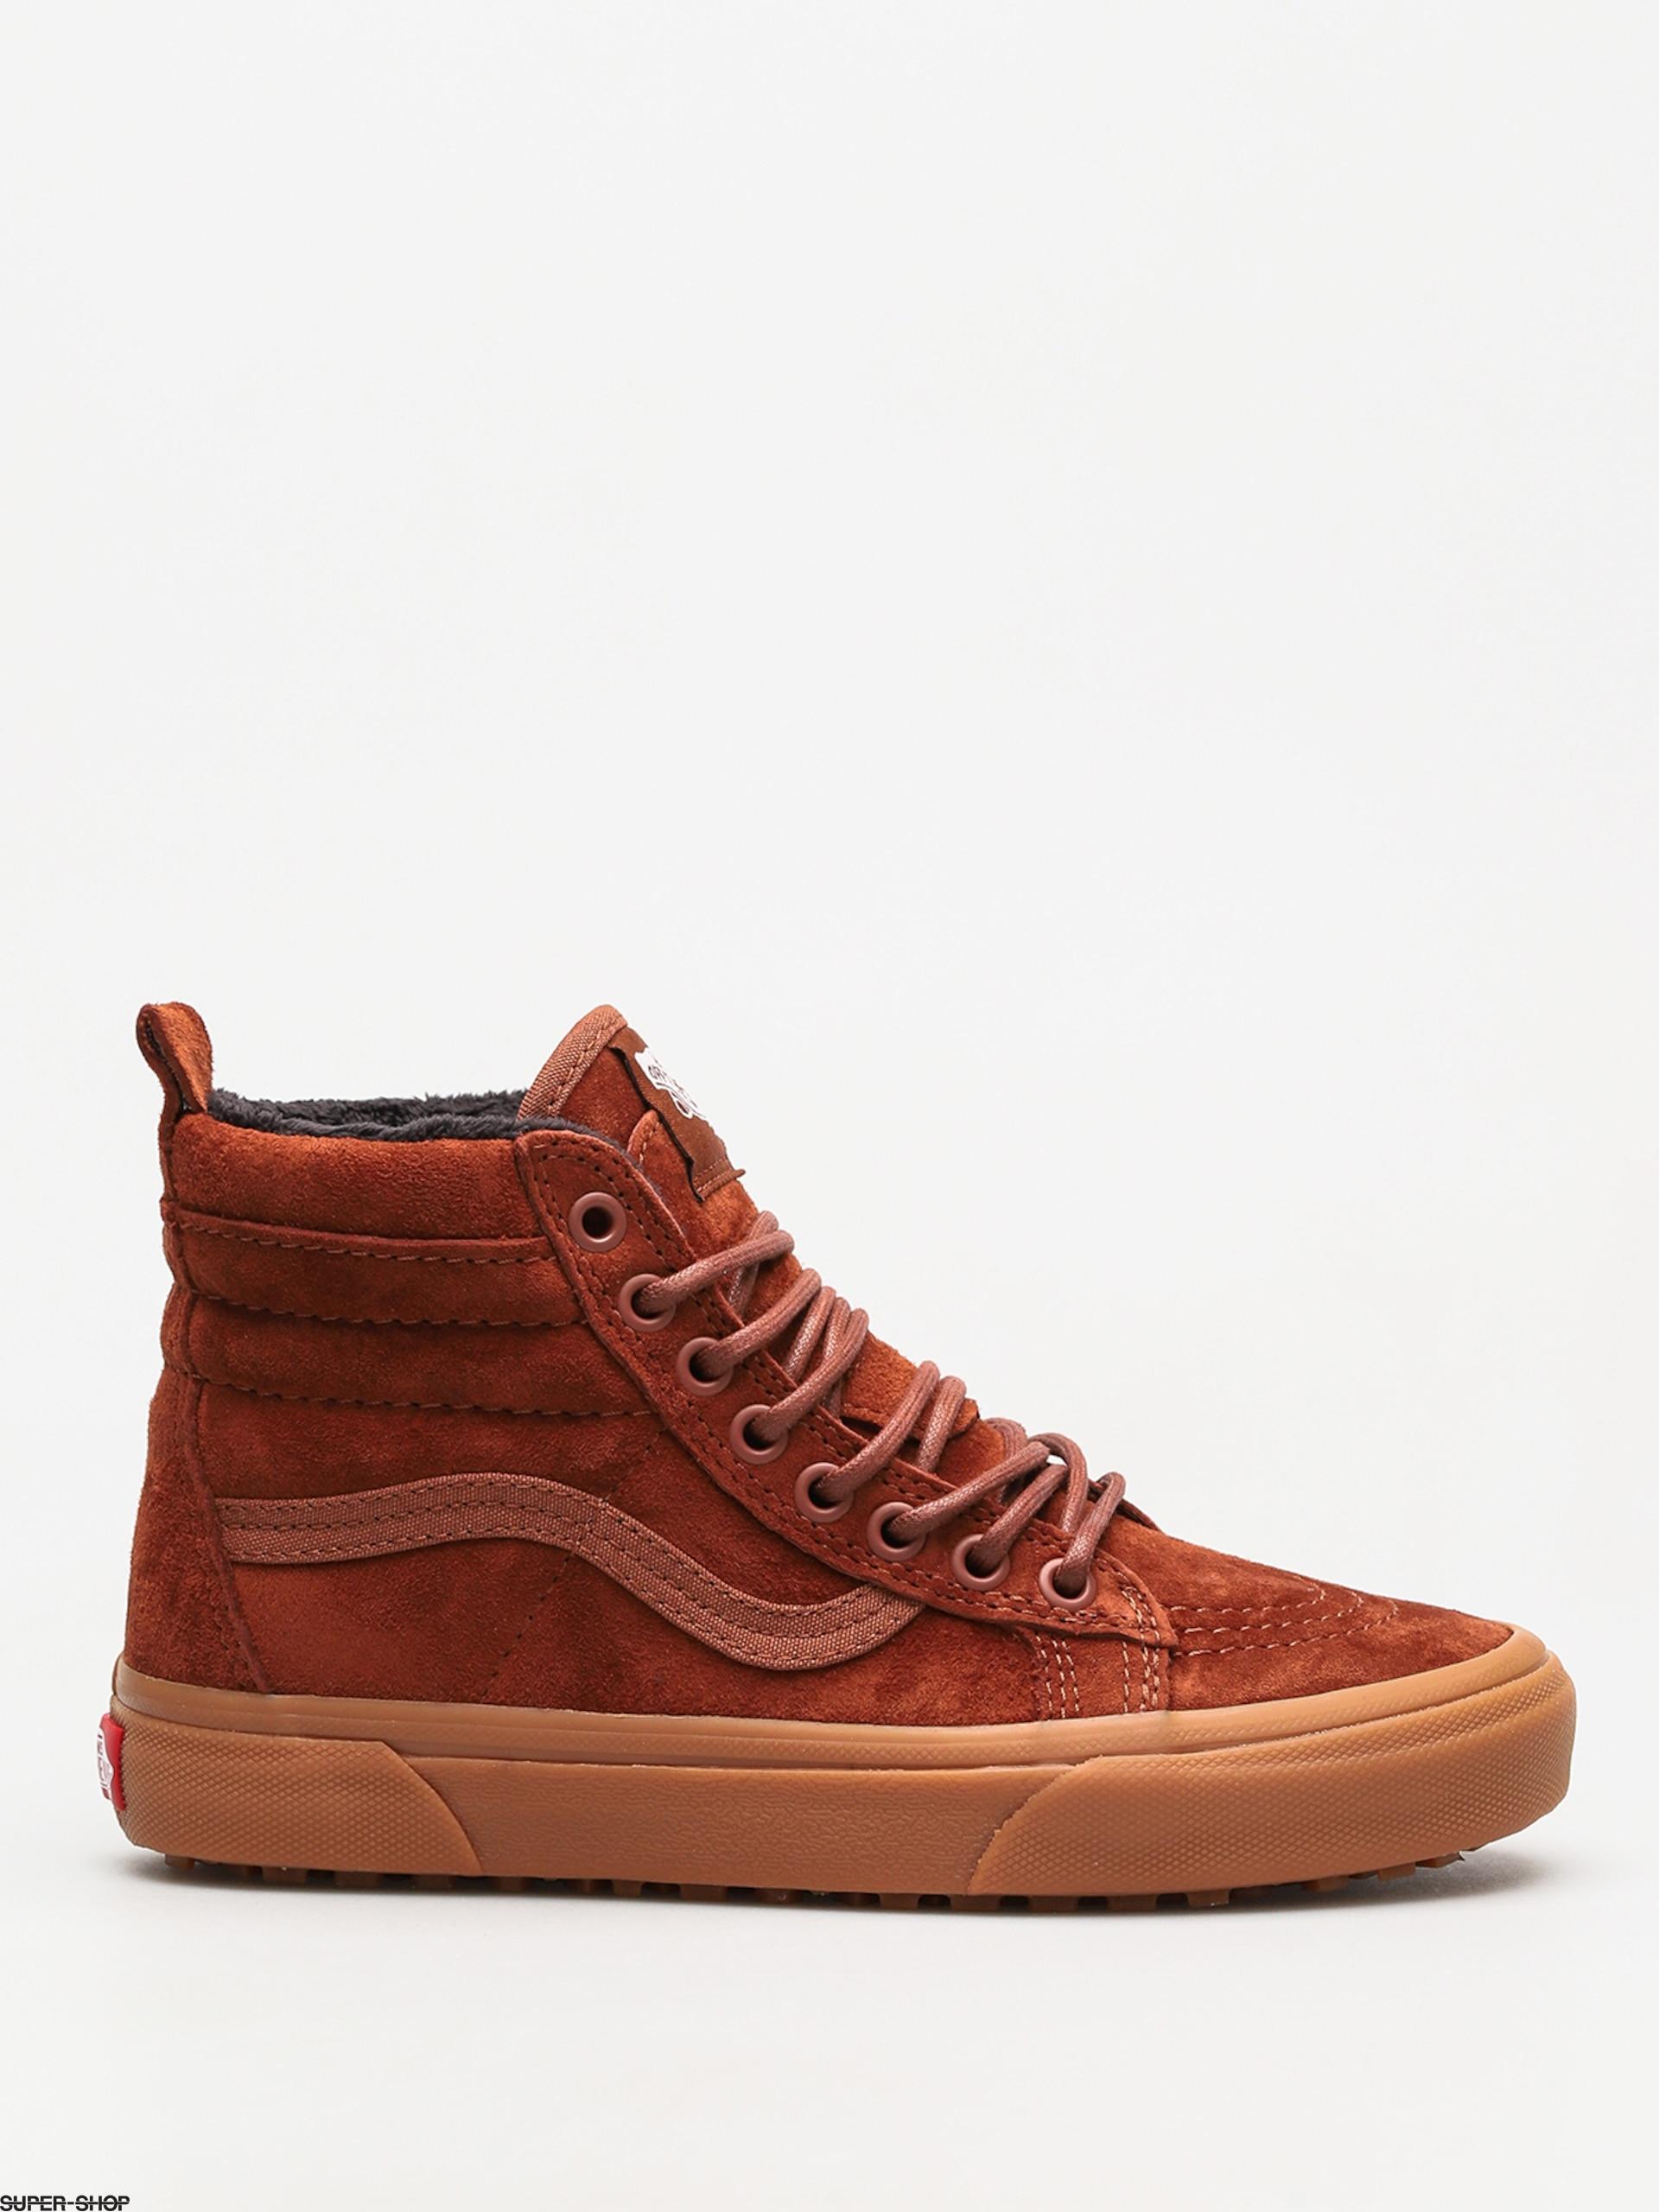 facd7d3533e214 966918-w1920-vans-shoes-sk8-hi-mte-sequoia-gum.jpg